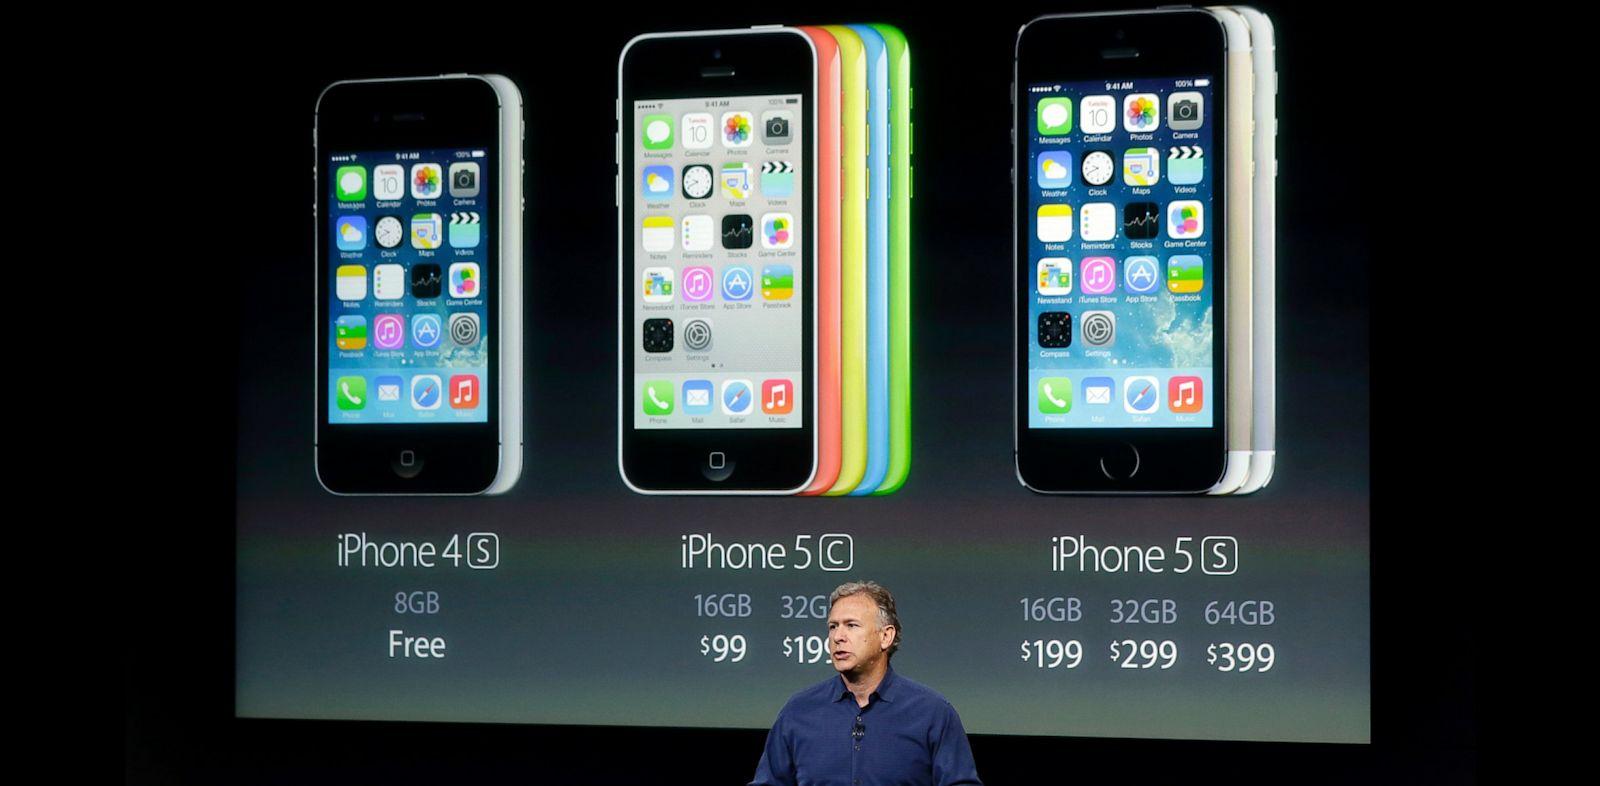 PHOTO: iPhone 4s, 5c, 5s